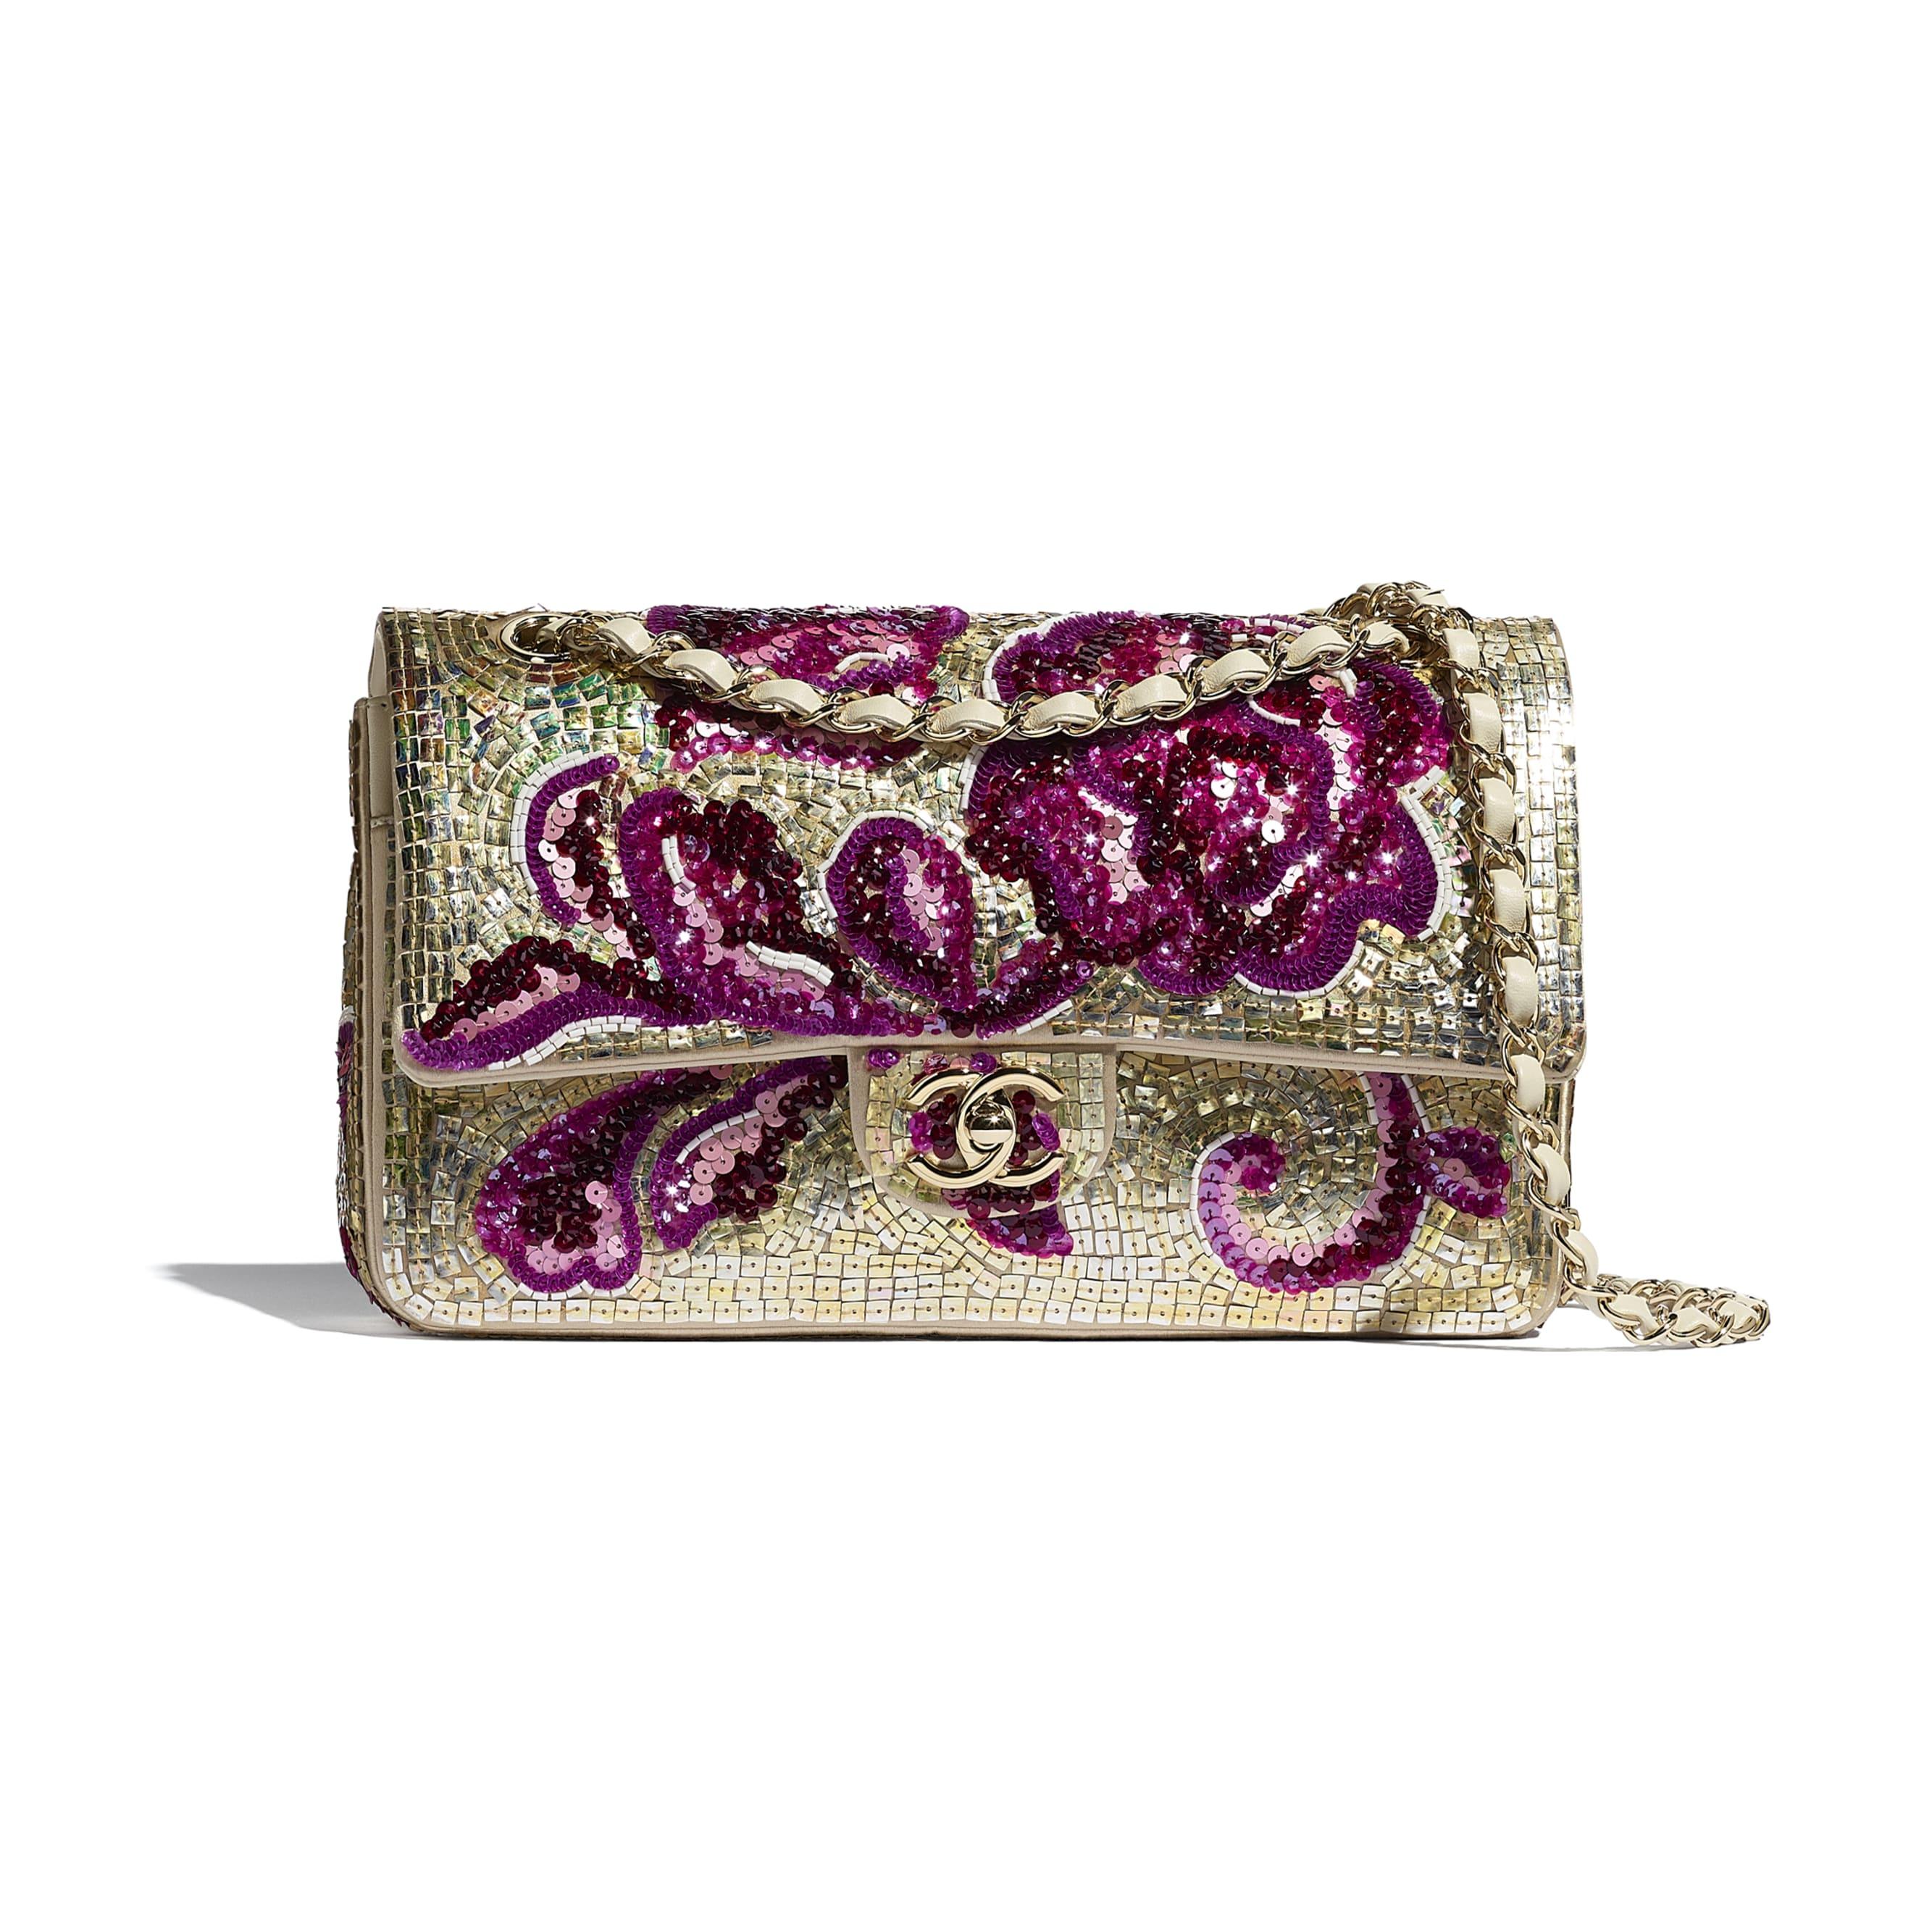 กระเป๋าสะพายคลาสสิก - สีม่วงและสีทอง - ปักเลื่อม มุกแก้ว หนังแกะ และโลหะสีทอง - CHANEL - มุมมองปัจจุบัน - ดูเวอร์ชันขนาดมาตรฐาน